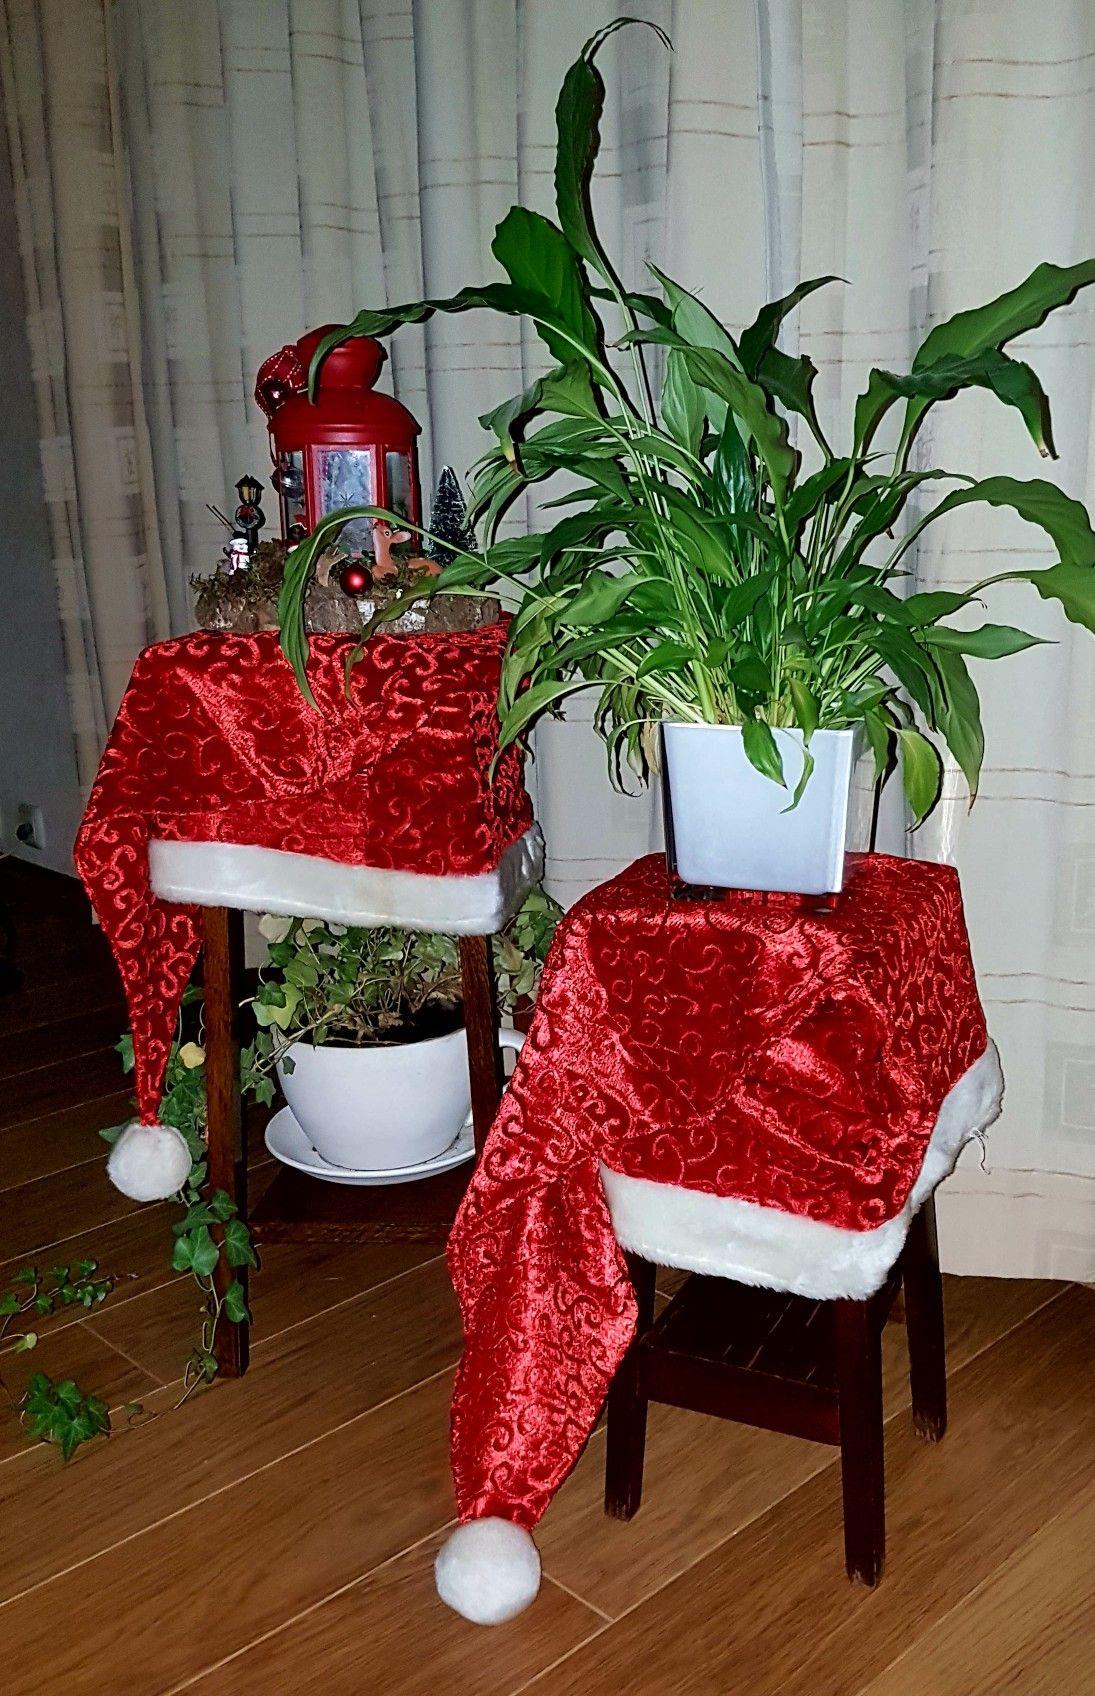 De eetkamer stoelhoezen. - kerst | Pinterest - Stoelhoezen ...